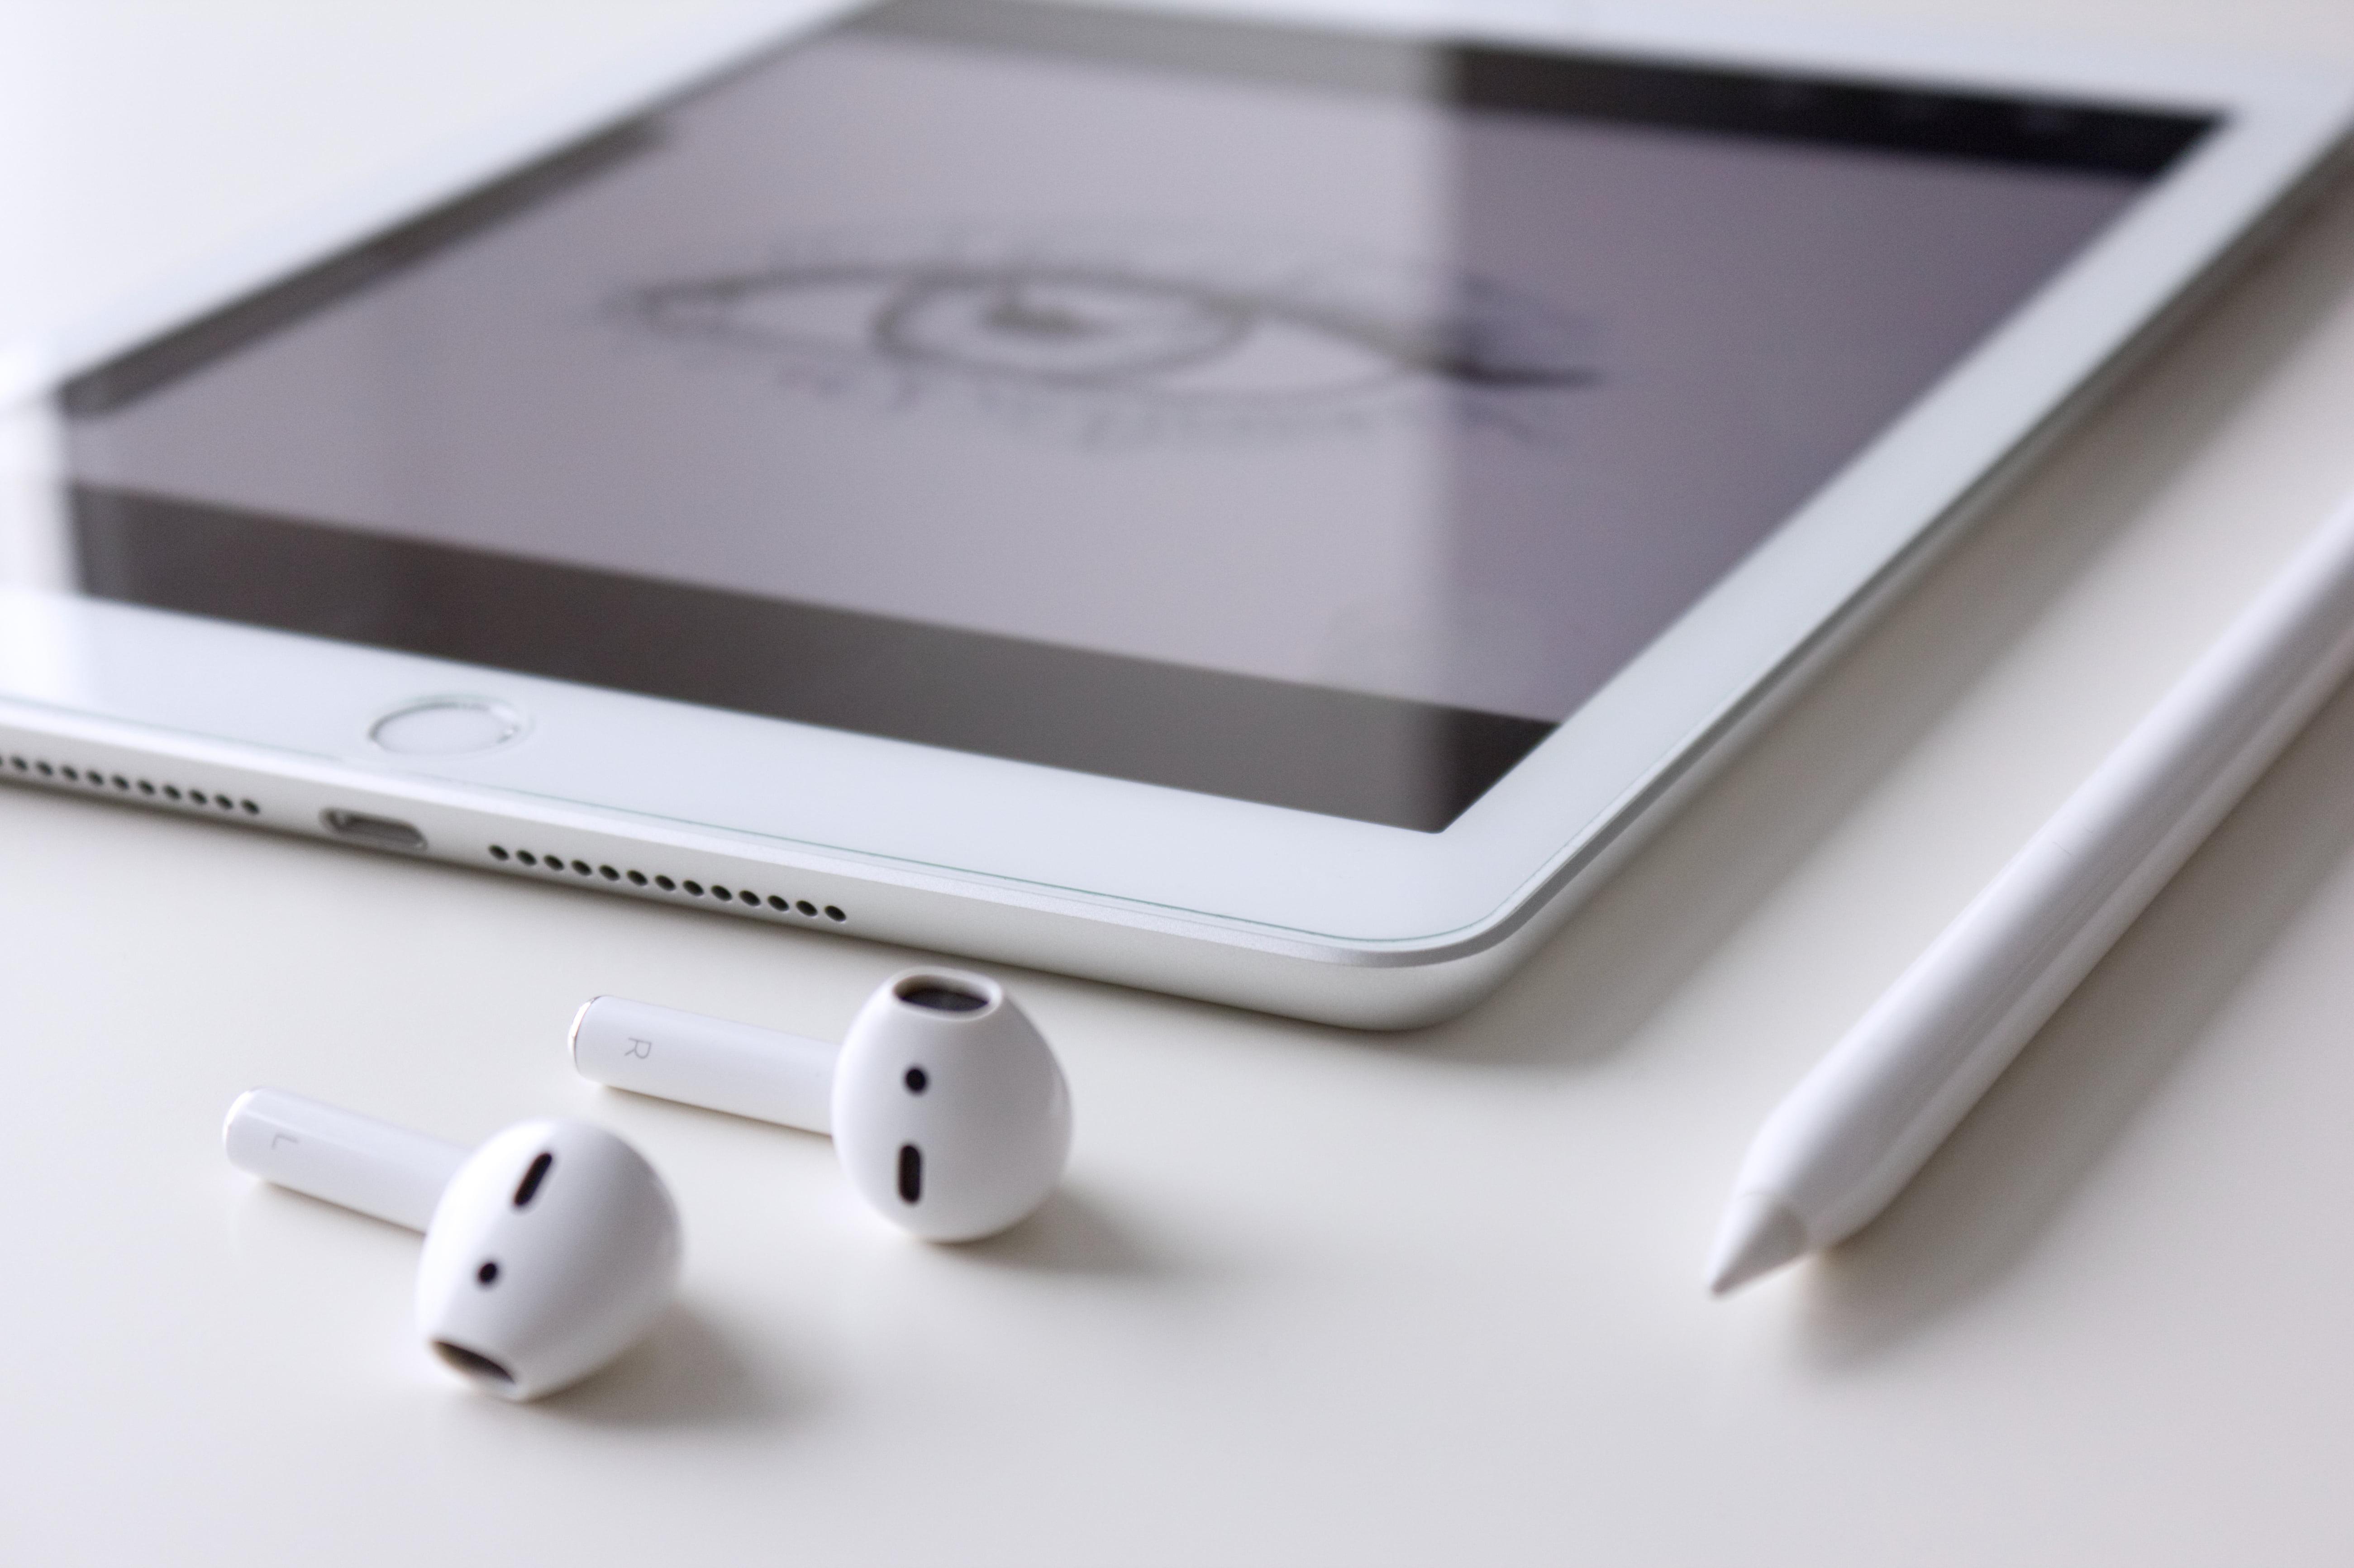 W cieniu jabłoni: rynek słuchawek bezprzewodowych w 2020 roku 20